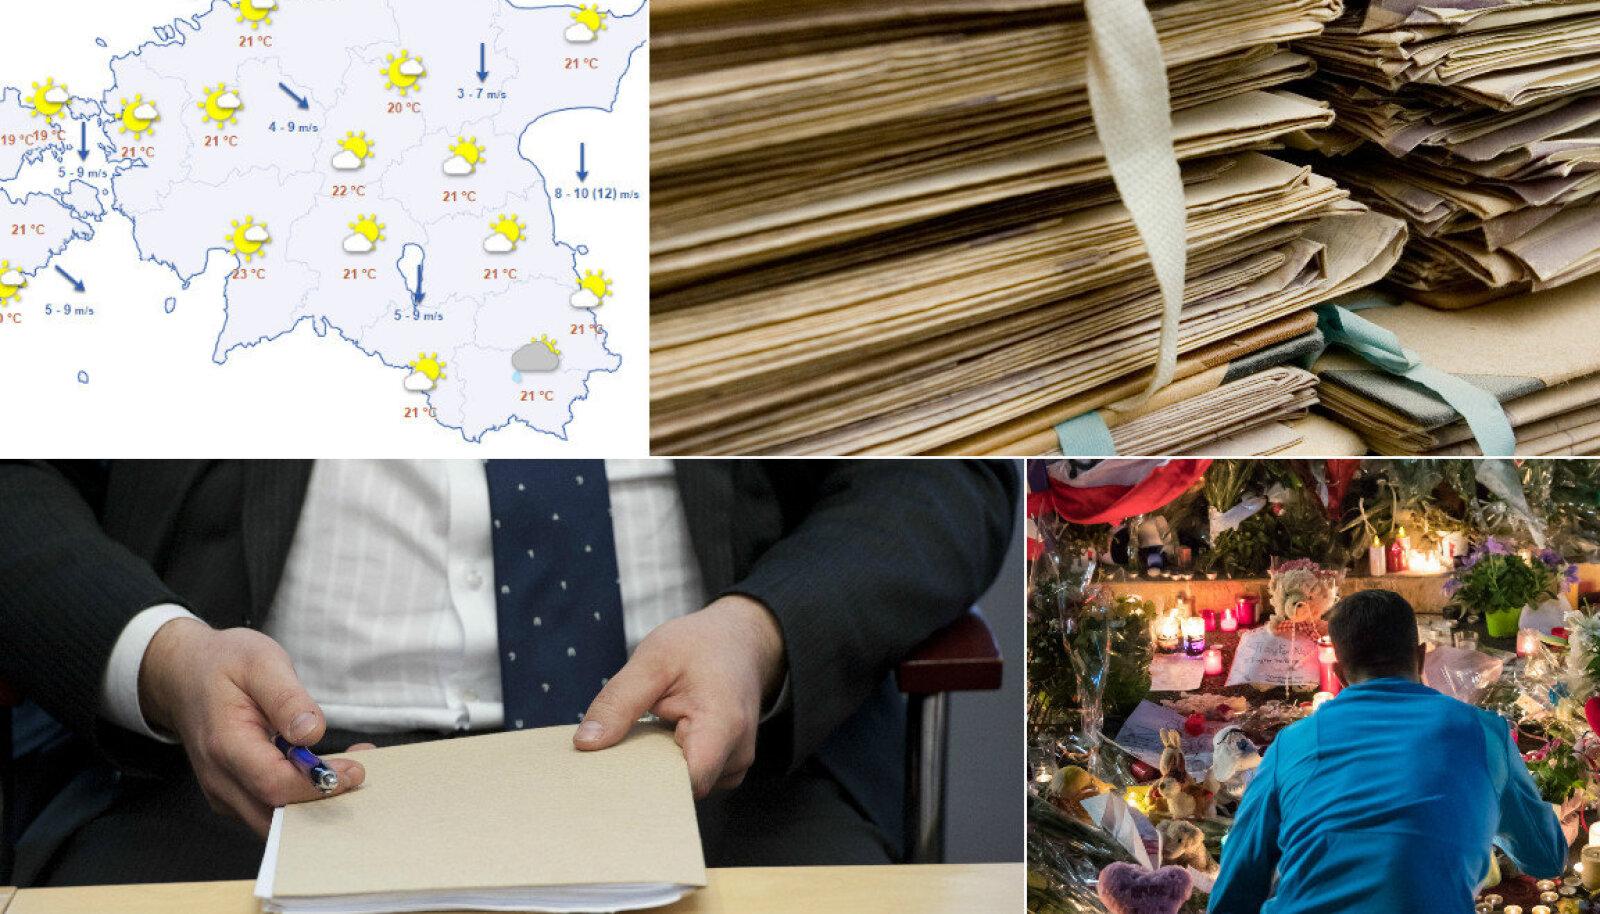 Eestisse värvatud tippspetsialistid on hädas paberimajandusega, ilm, Prantsusmaa eriolukorda pikendati 2017. aasta jaanuarini